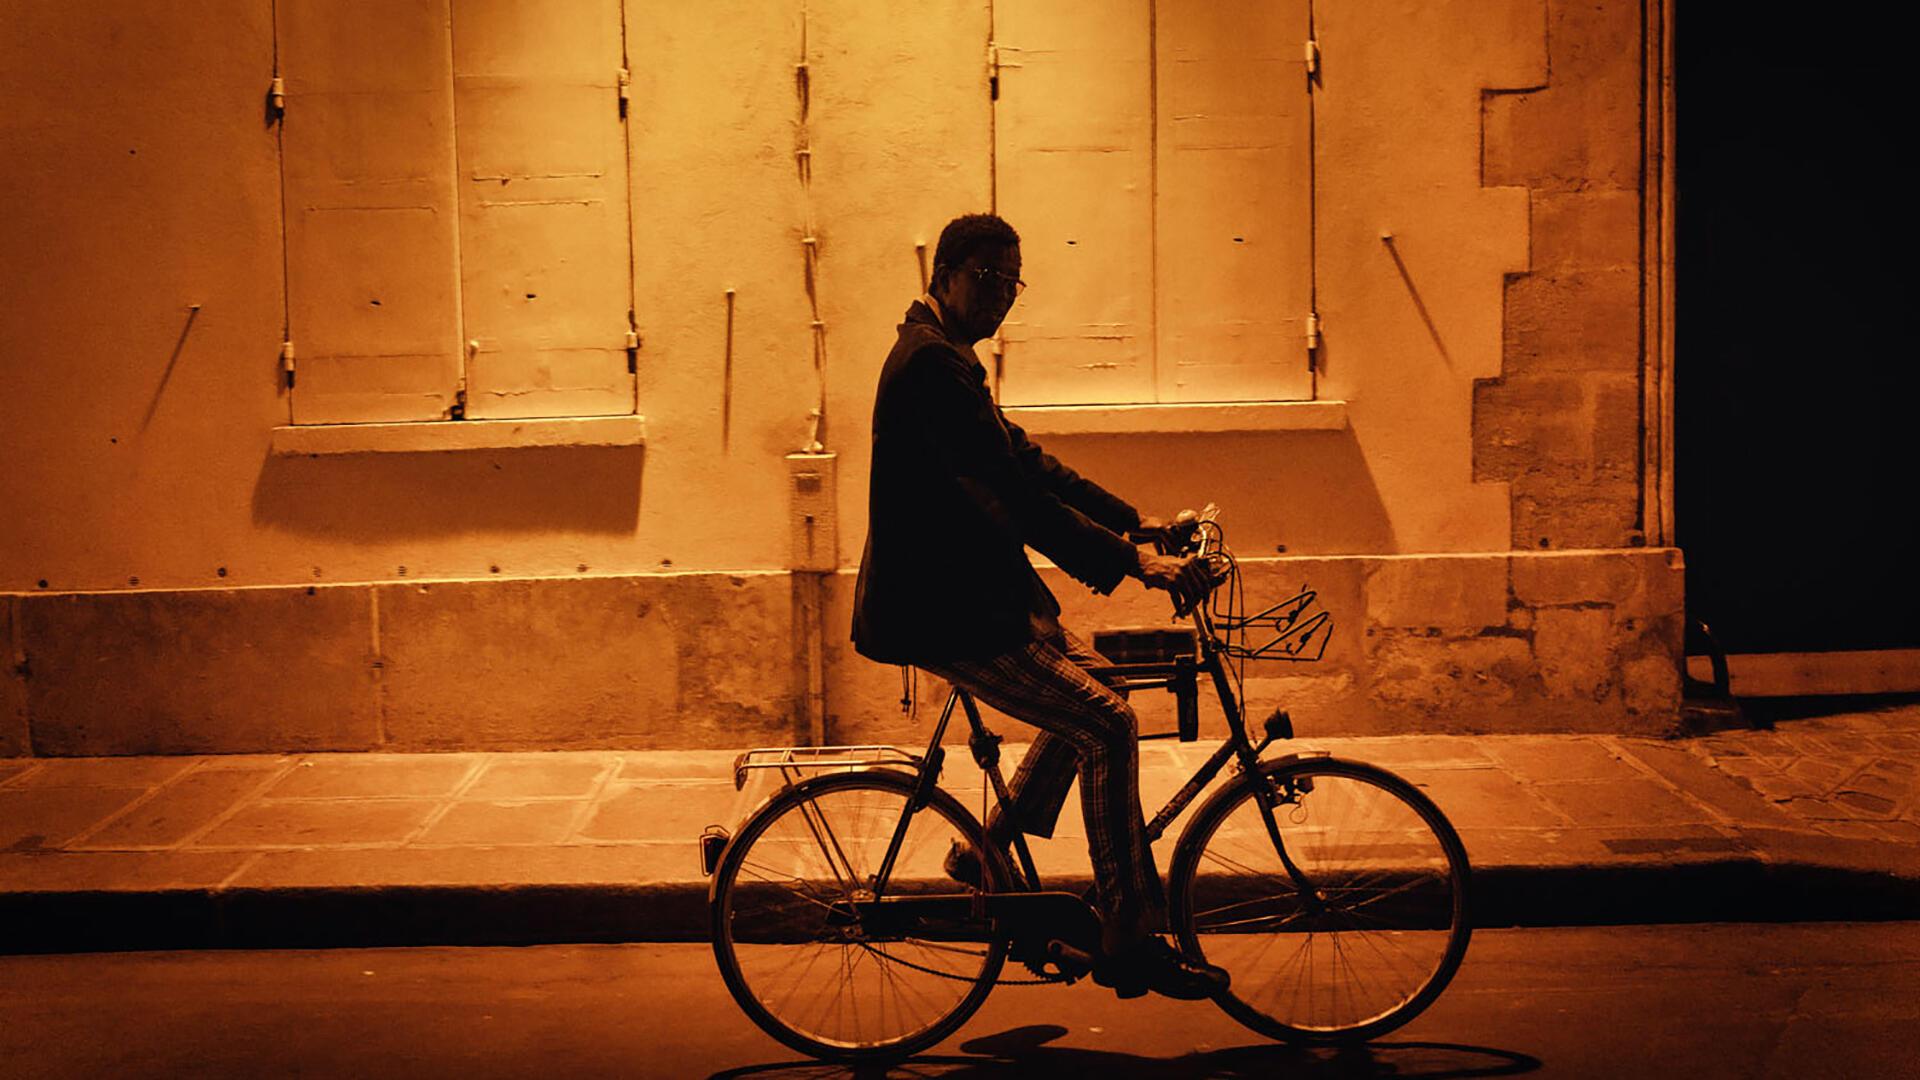 Musique - Wasis Diop à vélo - Maxime de Bollivier - Musiques du monde